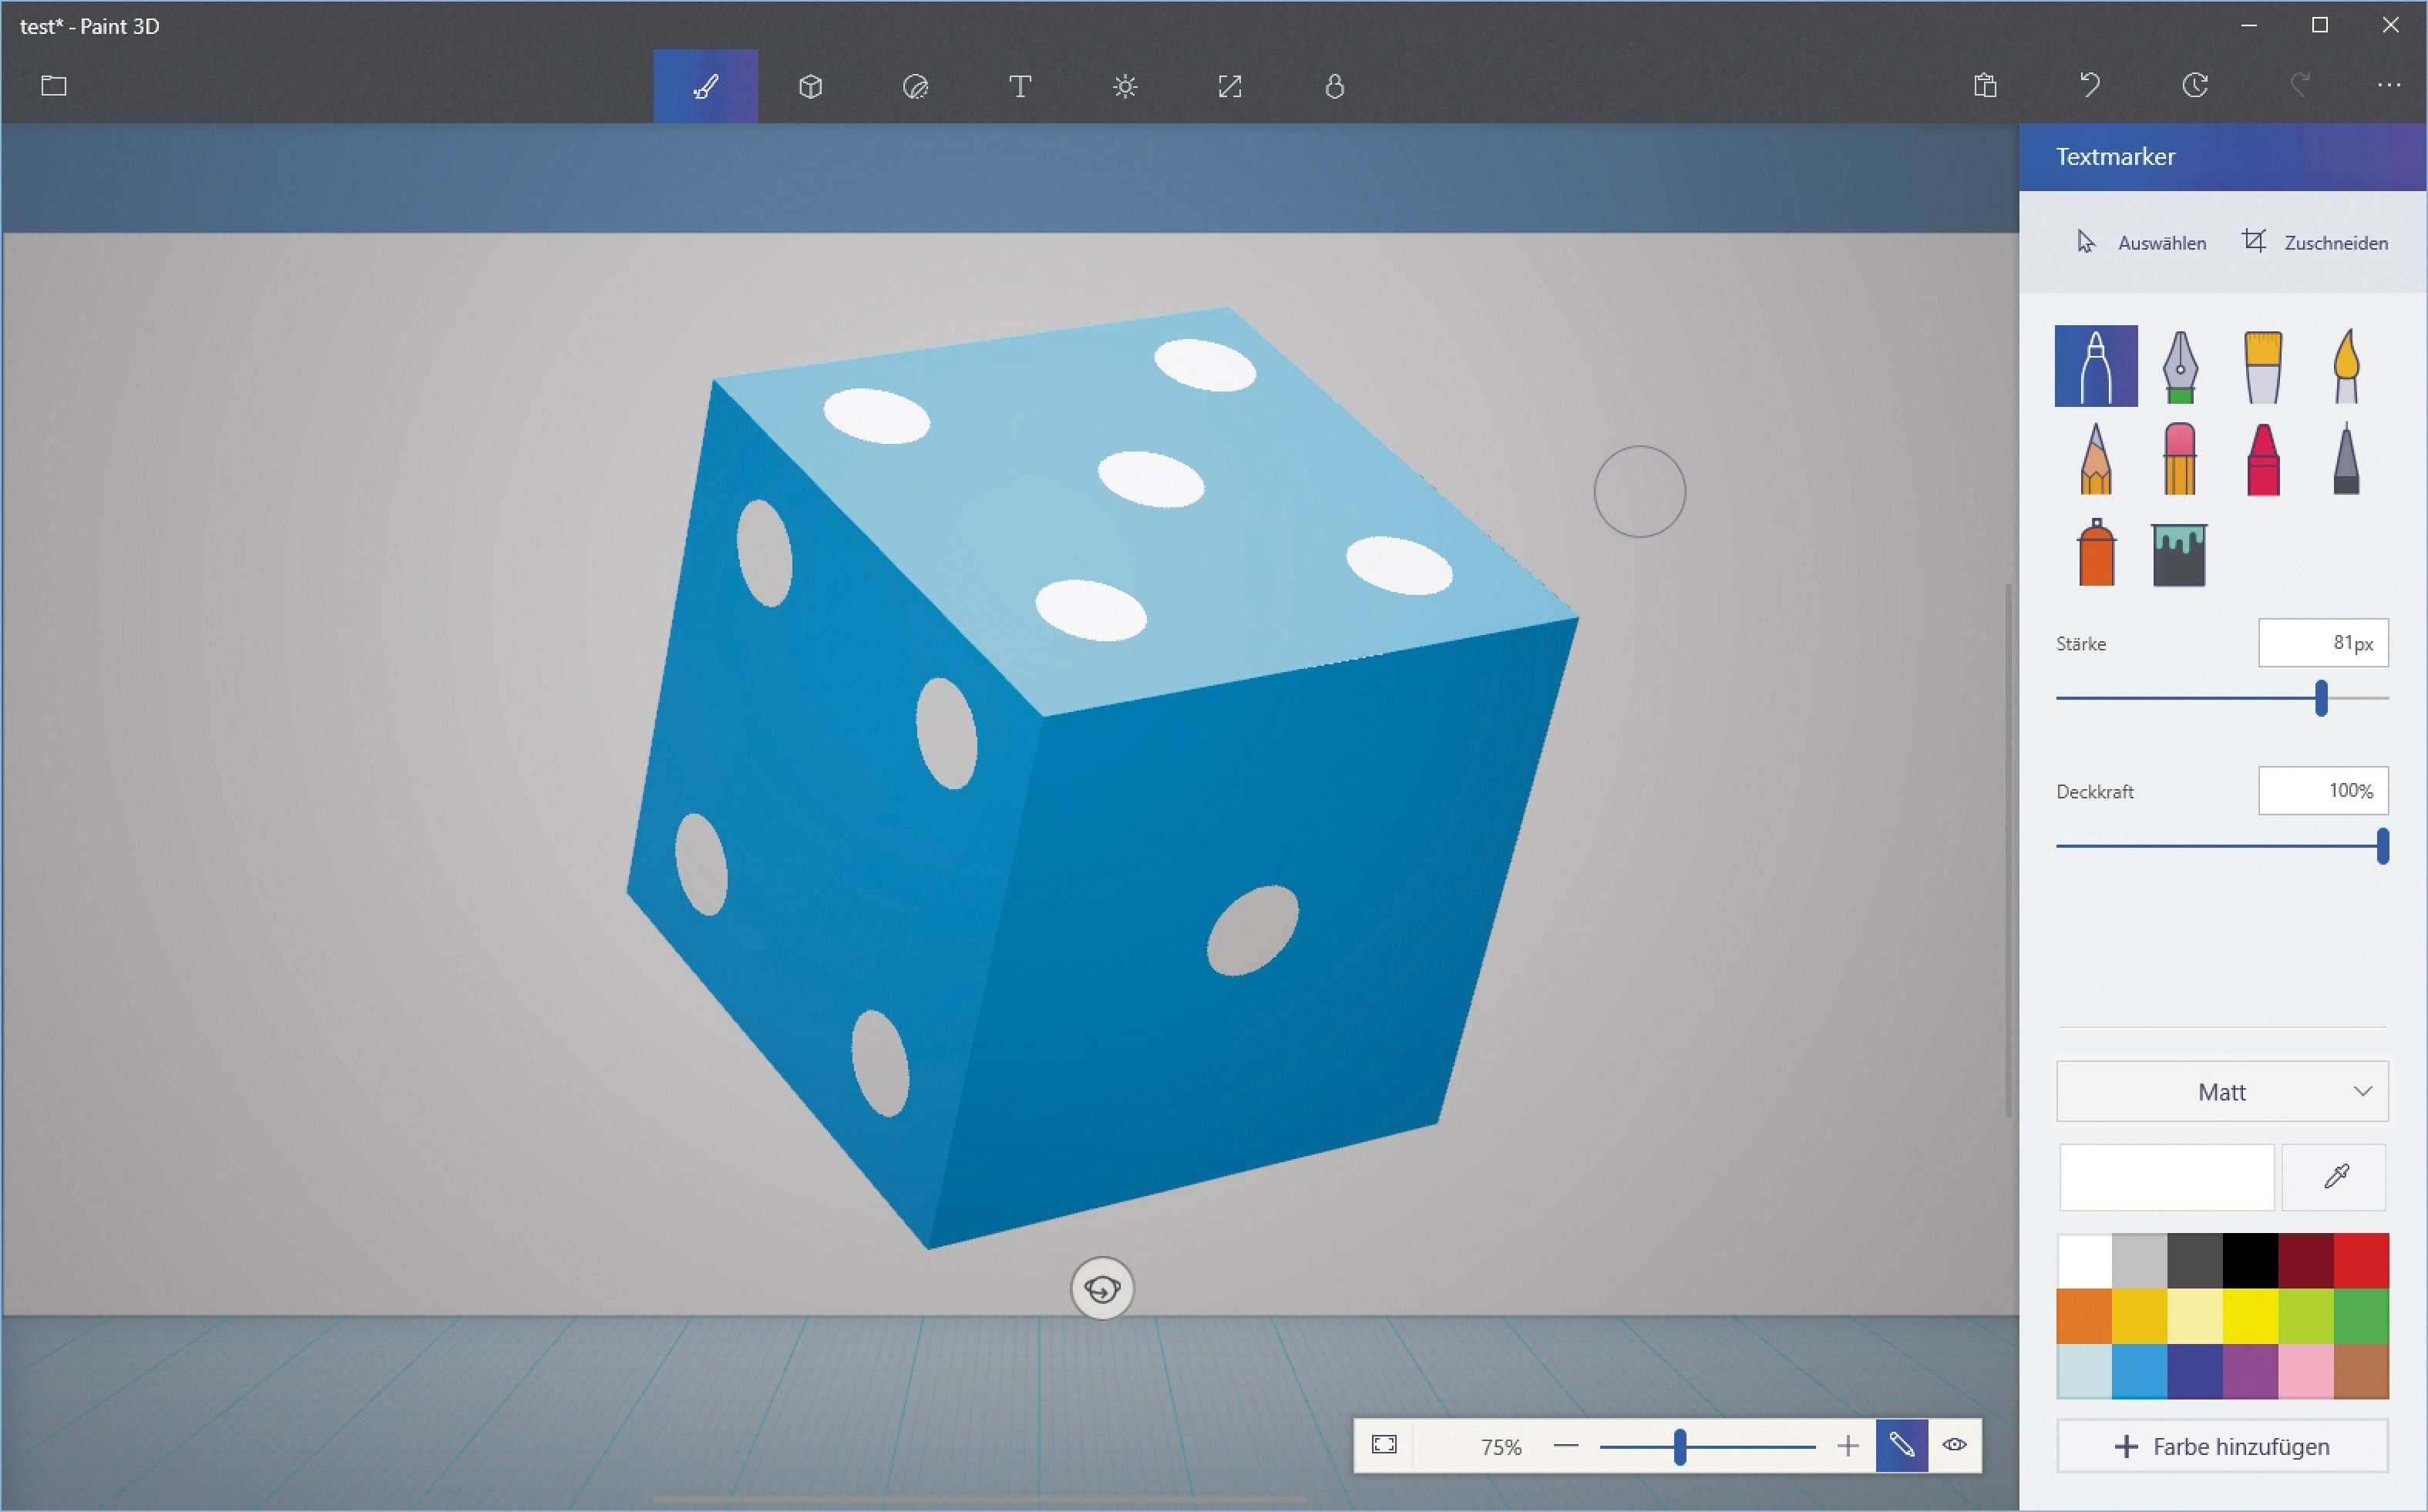 Wonderful Vergrößern Die Grafiktools Bieten Ihnen Jede Menge Flexibilität Bei Der  Farblichen Gestaltung Ihrer 3D Objekte. Der Würfel Wurde Mit Dem Werkzeug ?